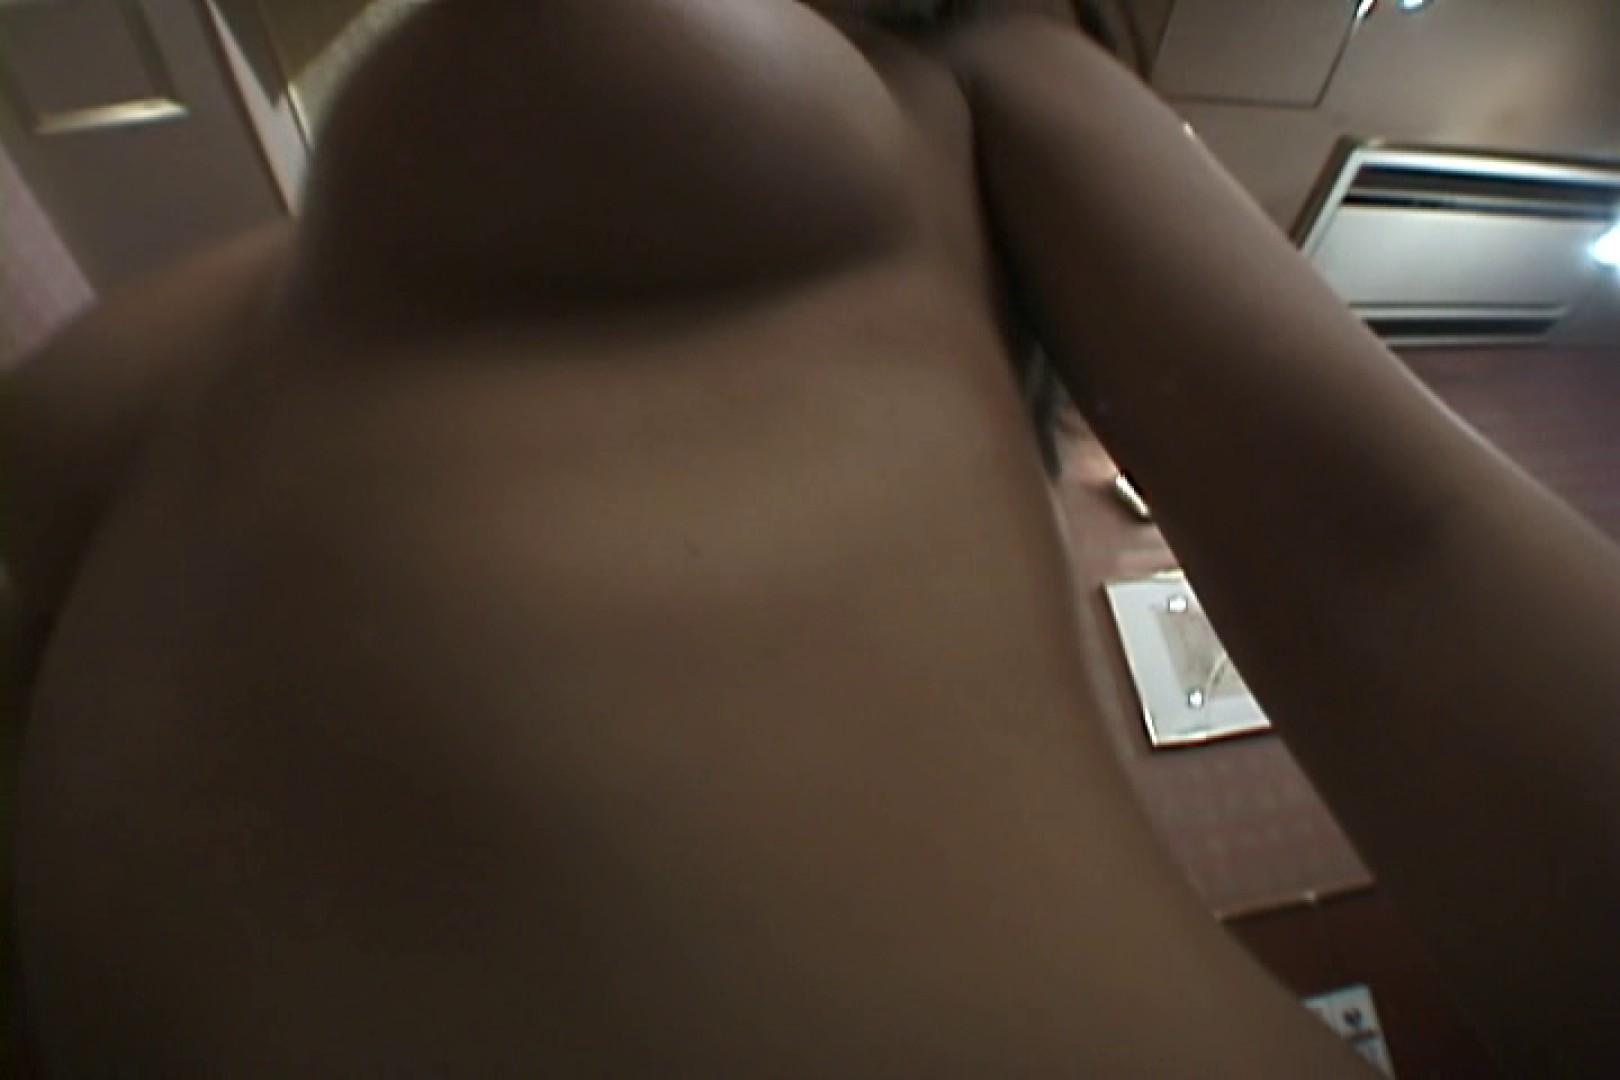 旦那との愛よりも、愛人とのSEX~片瀬梨子~vol,1 ホテル 濡れ場動画紹介 58連発 40